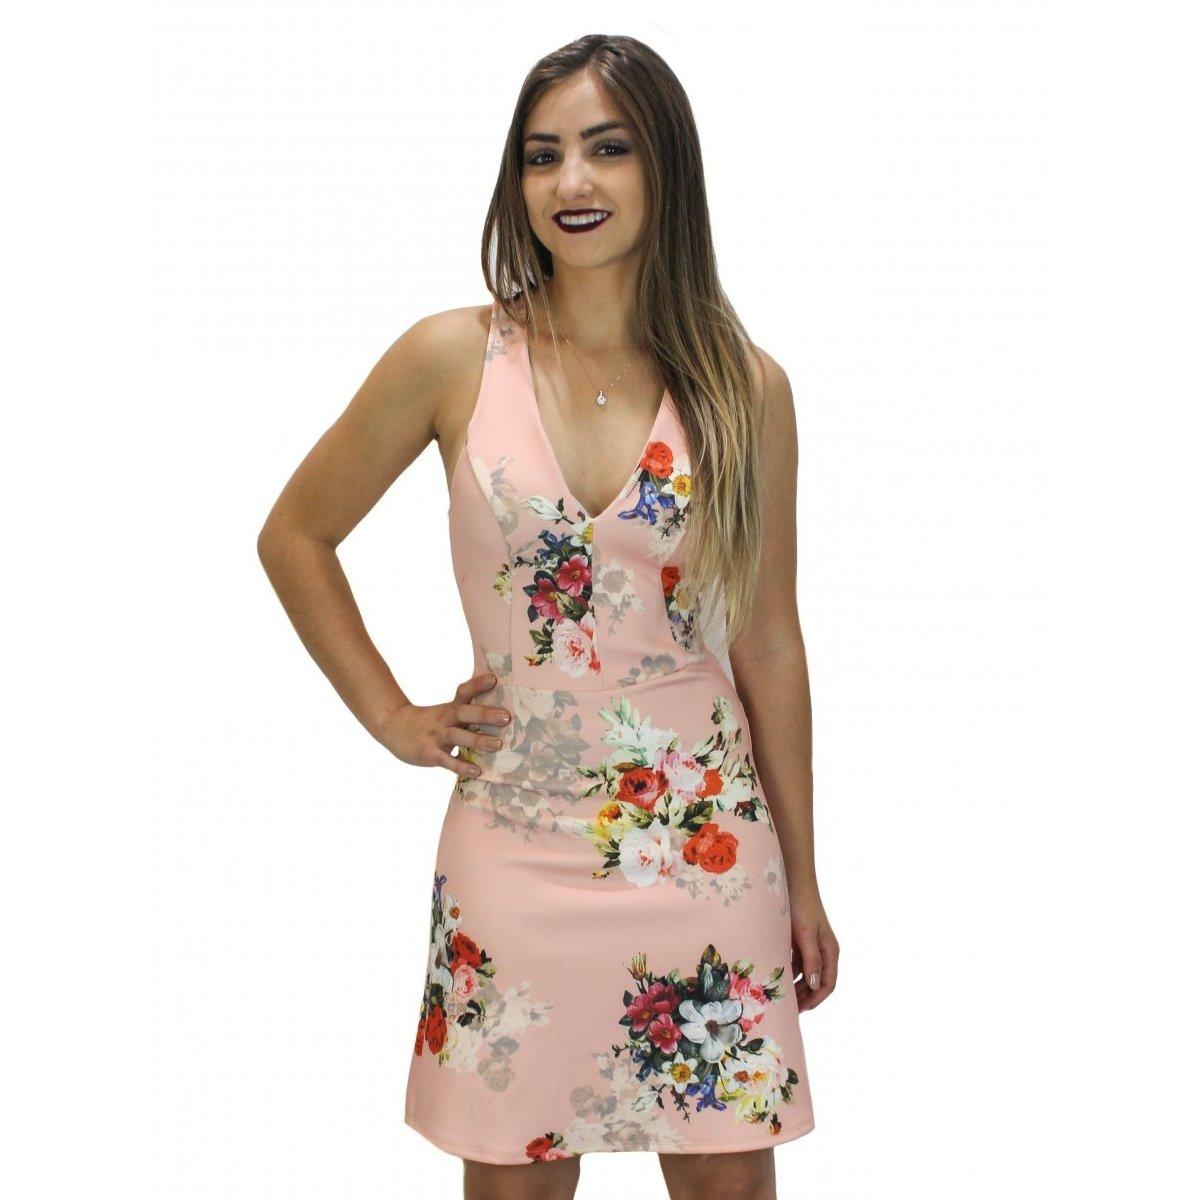 c04a7c066 Vestido Colcci Floral Feminino | Zattini